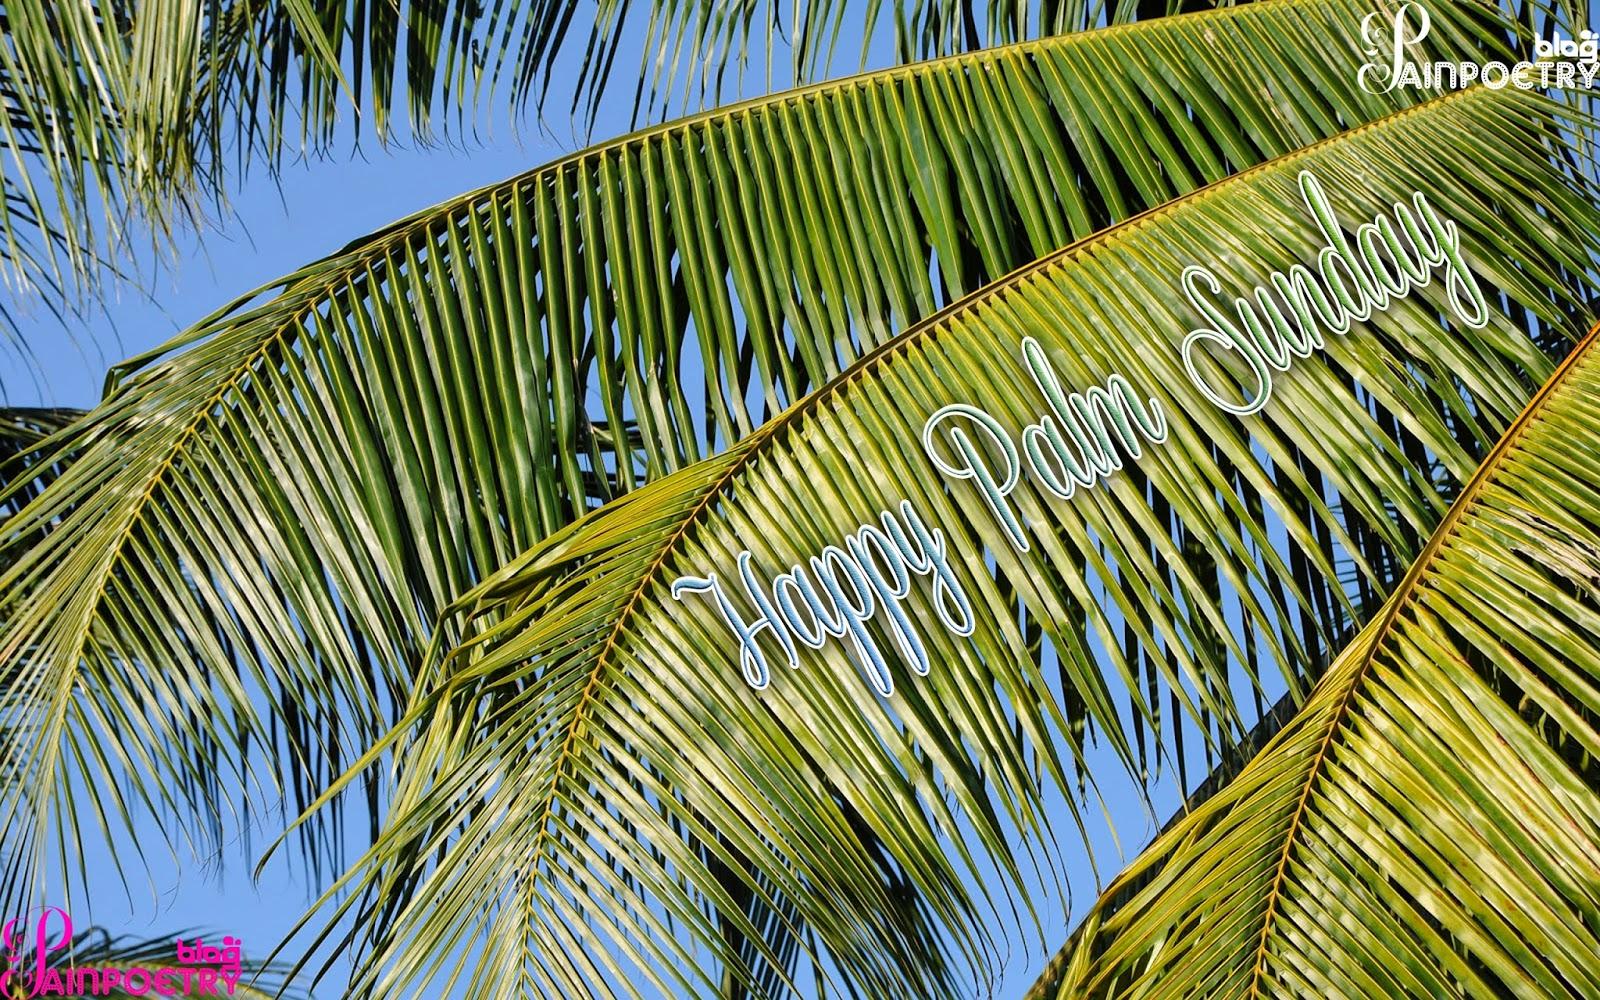 Palm-Sunday-Wishes-Photo-Image-Wide